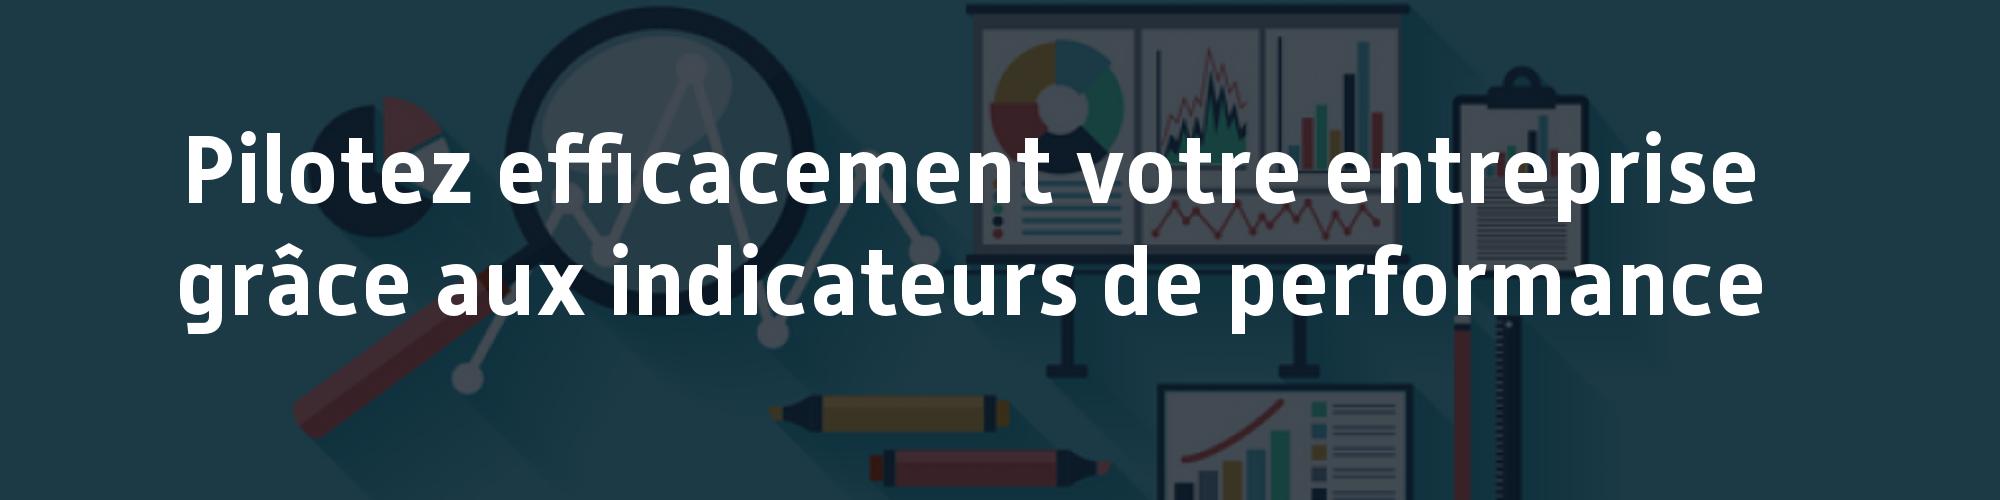 Orial_pilotez_votre_entreprise_indicateurs_performance_gestion_controle